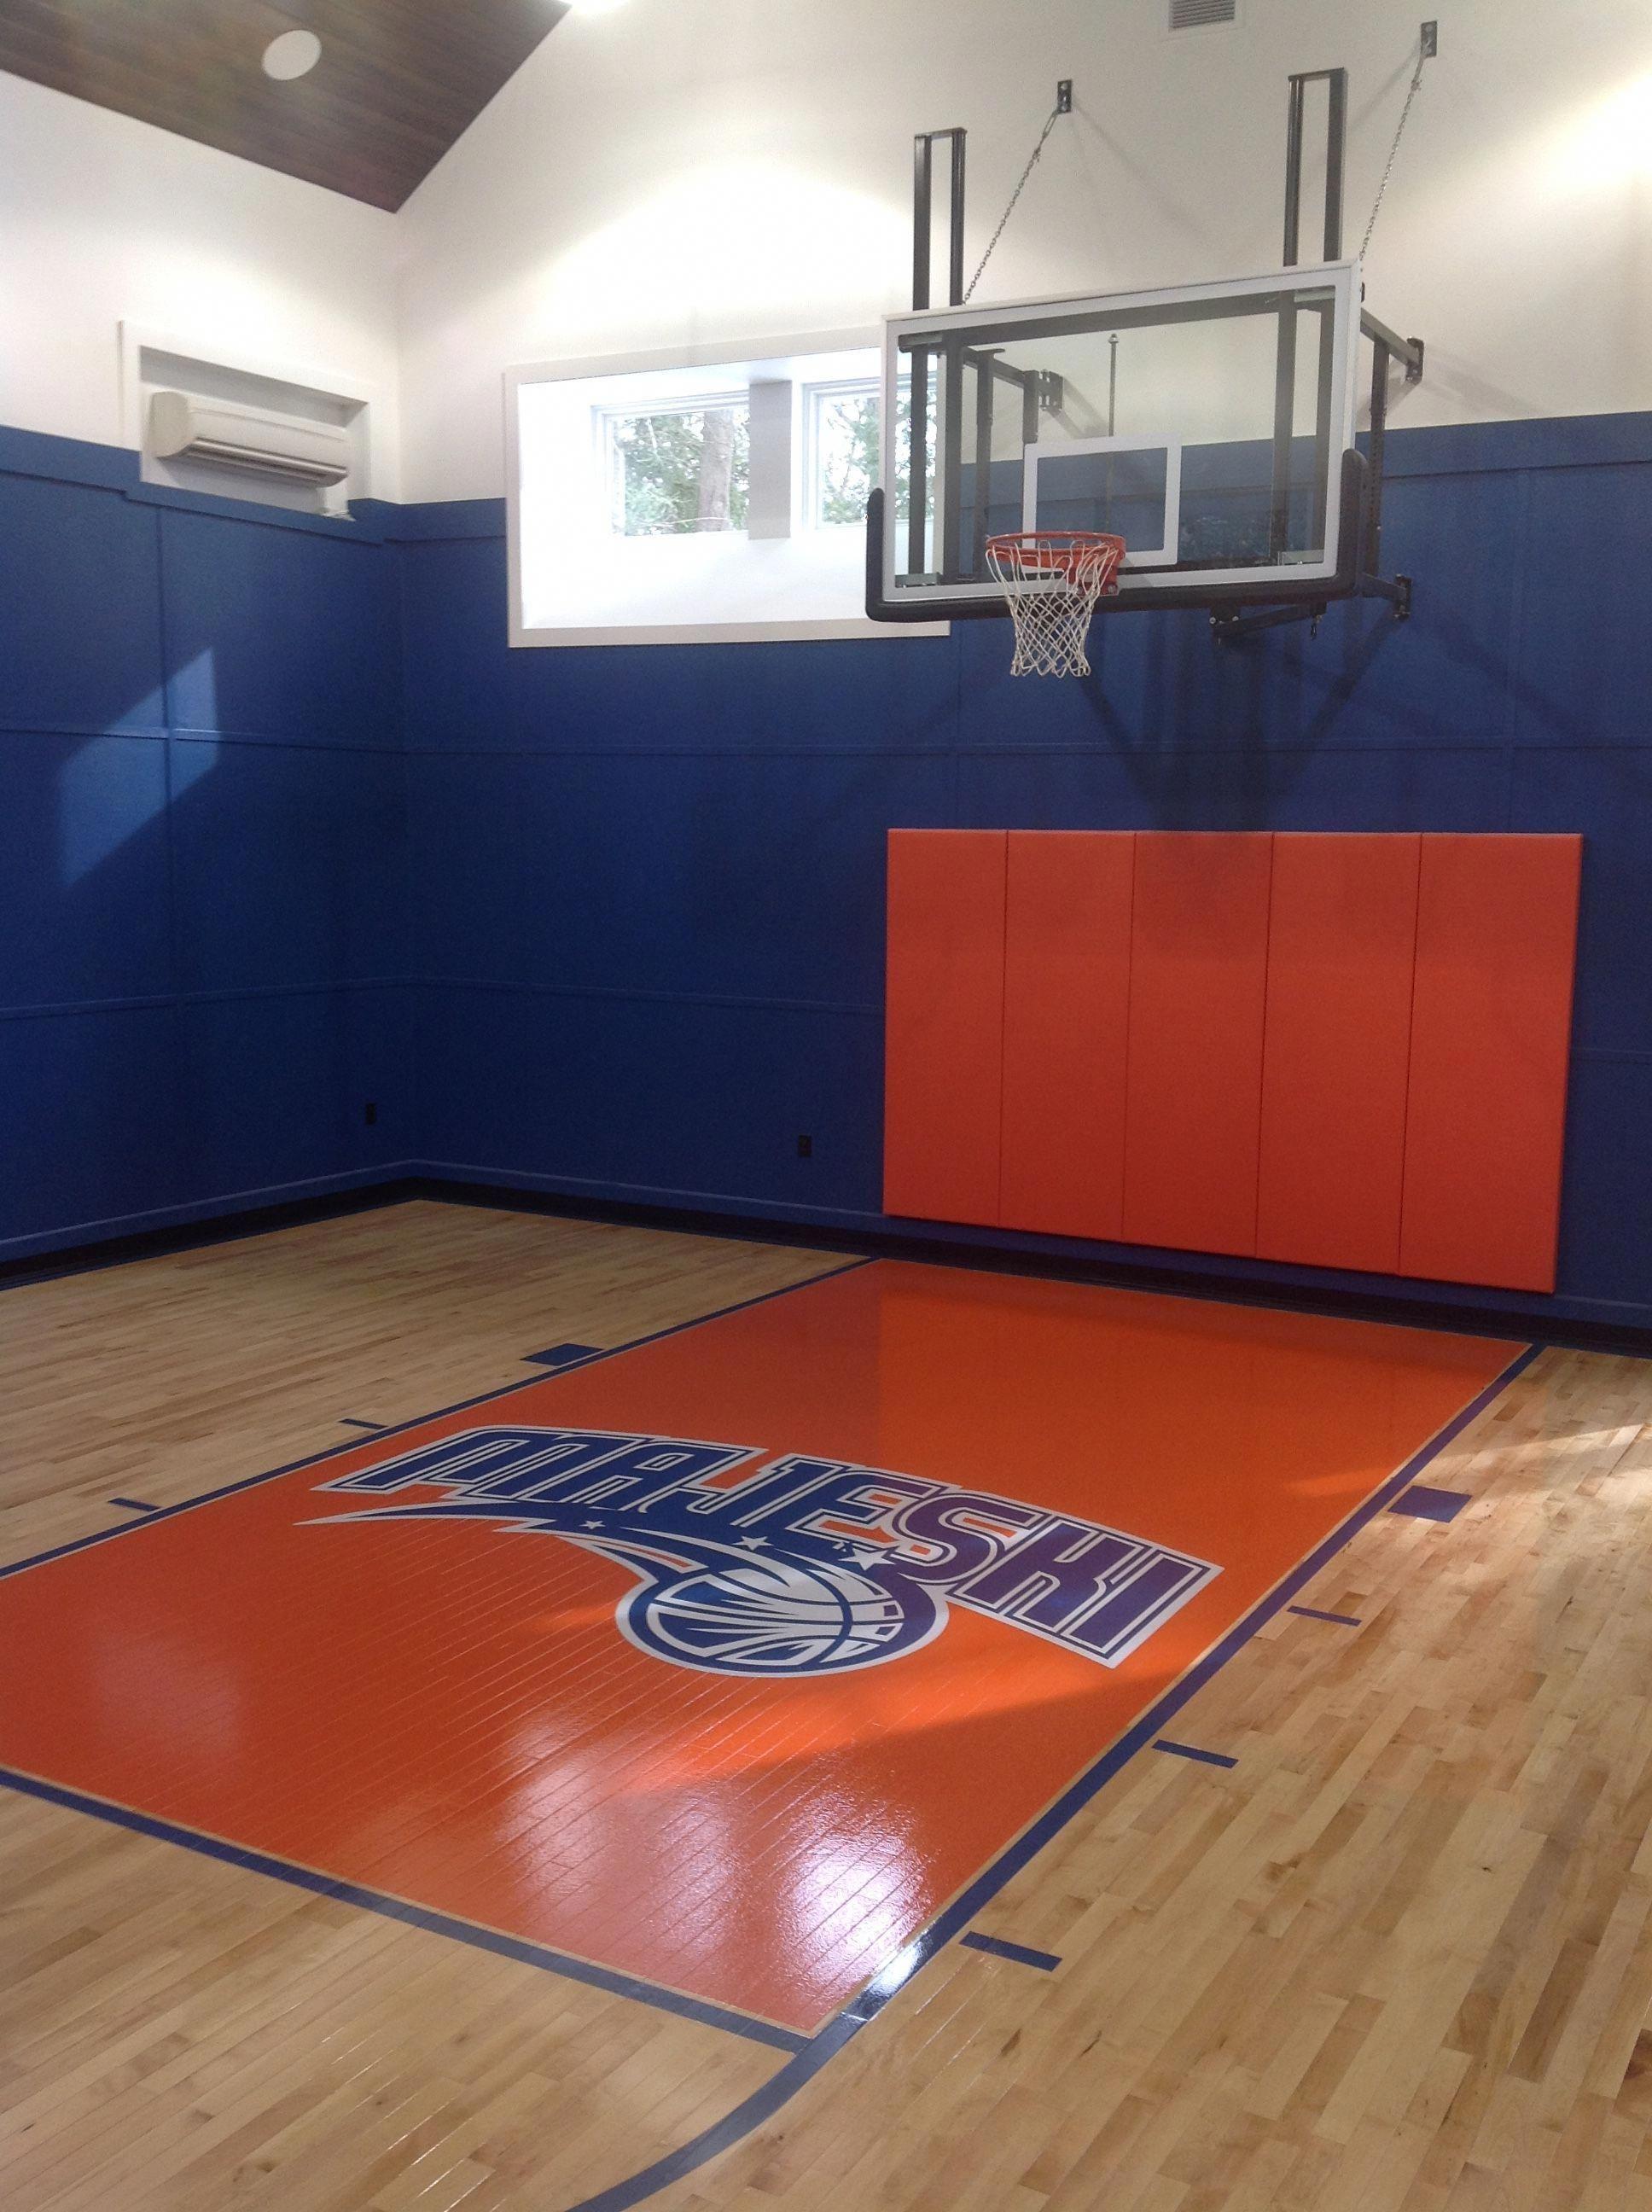 Colleges That Offer Basketball Scholarships Basketballuniformbuilder Code 6073130818 Houstonbasketball Basketball Basketball Room Indoor Basketball Hoop